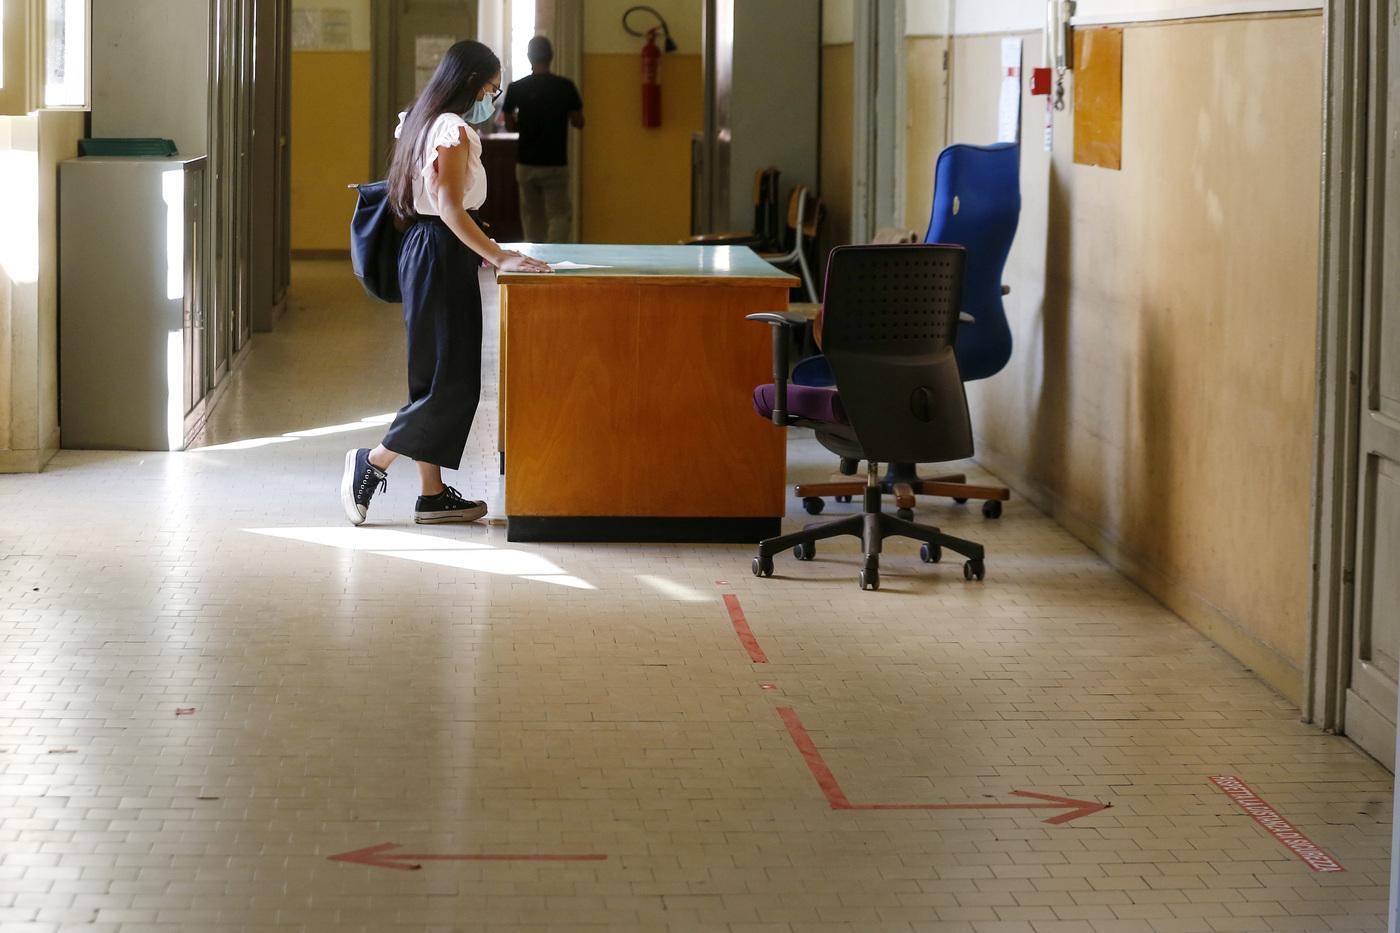 Scuola, ecco il piano dell'Istituto Superiore di Sanità per il rientro in sicurezza